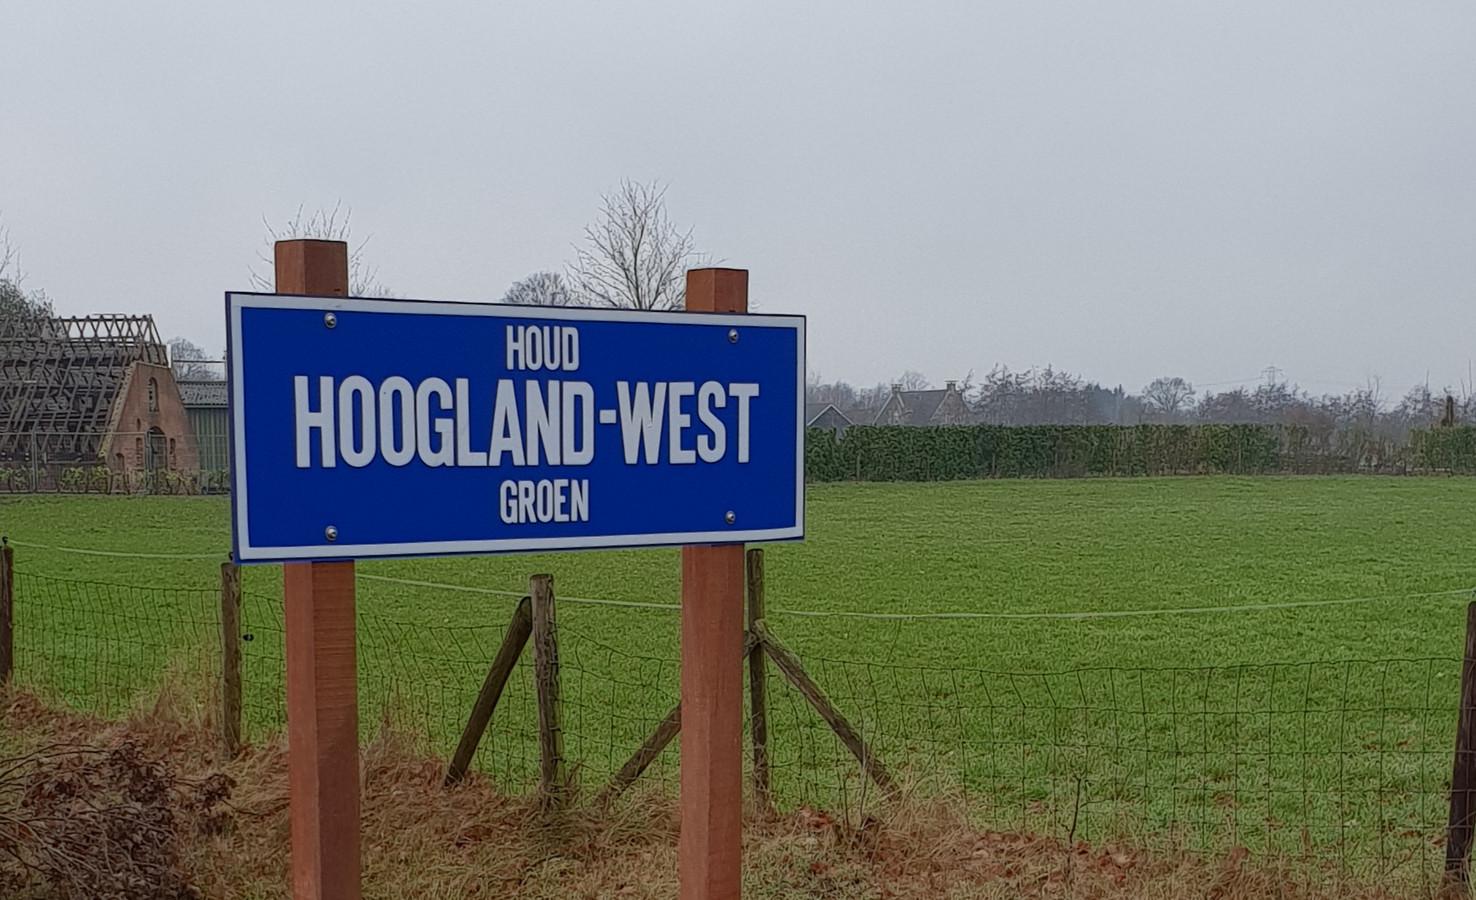 Ineens zijn ze weer terug; de borden 'Houd Hoogland-West Groen'. Moeten we ons zorgen maken dat de polder alsnog wordt volgebouwd?